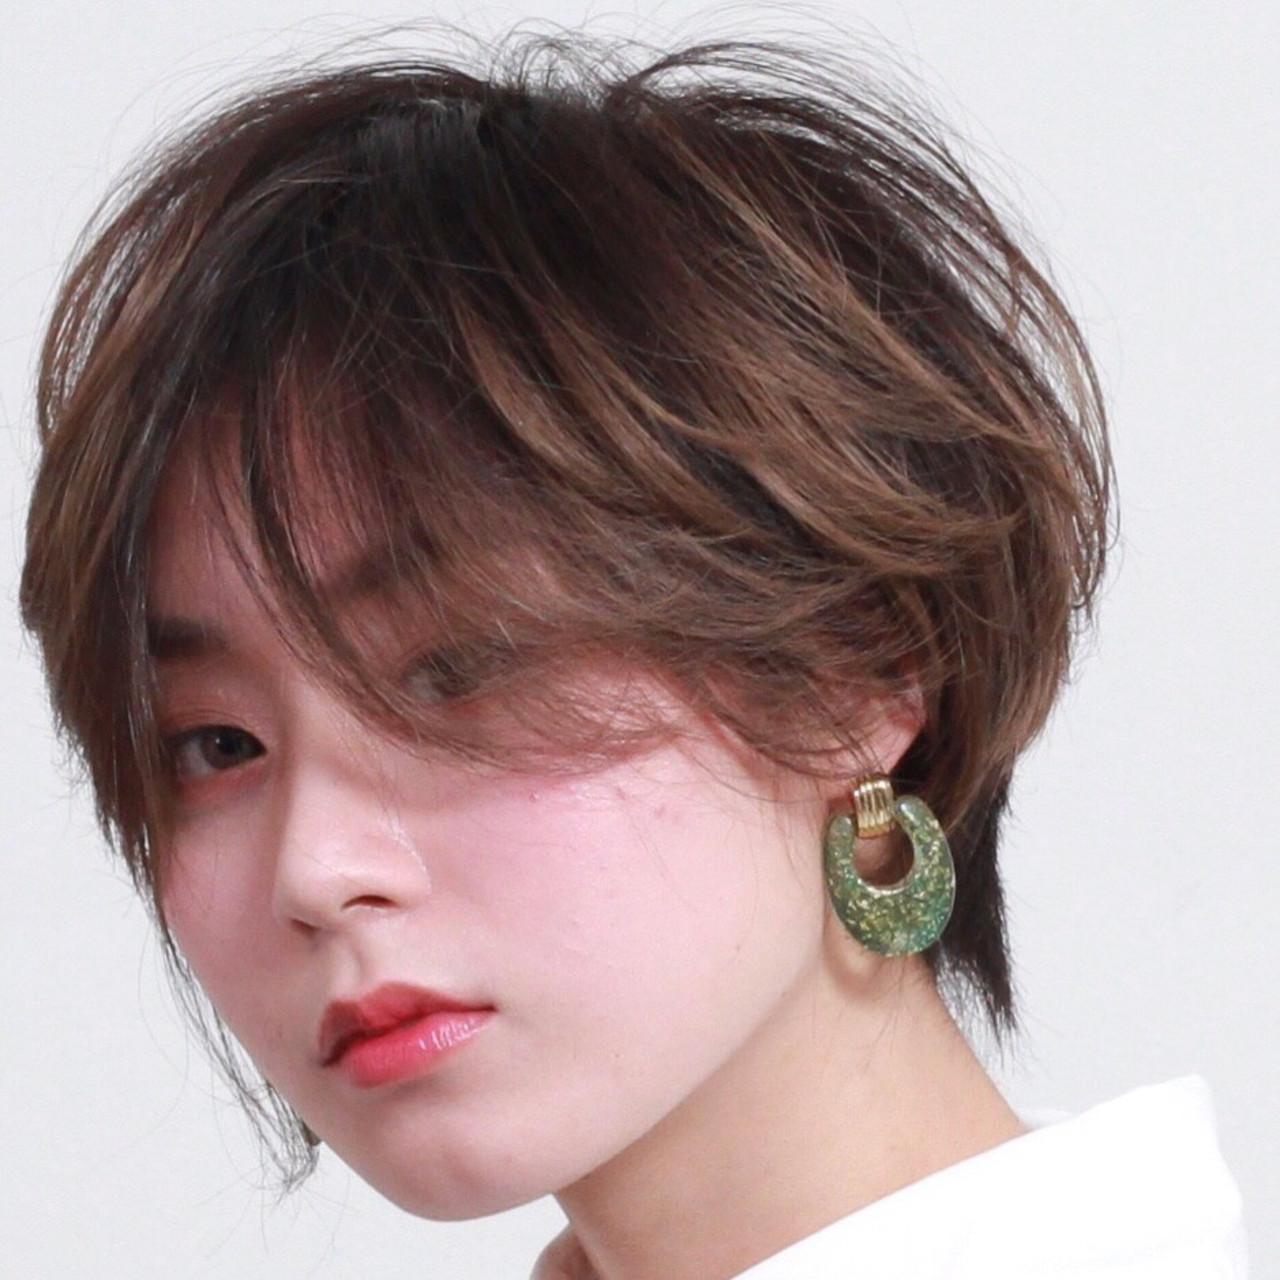 ナチュラル ショートヘア インナーカラー ショート ヘアスタイルや髪型の写真・画像